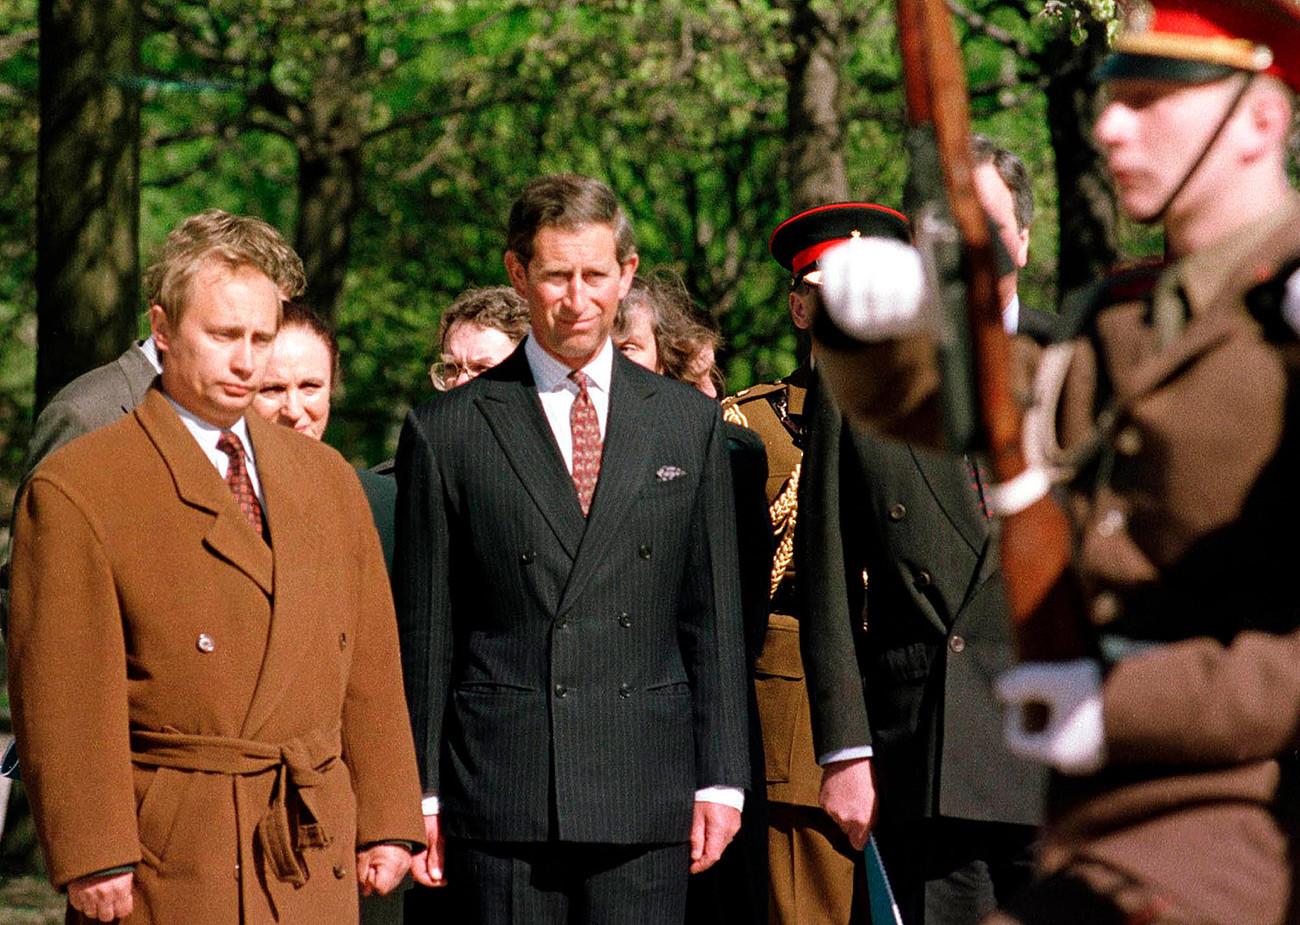 レニングラード市の対外関係の議長ウラジーミル・プーチンとウェールズ公チャールズ王子